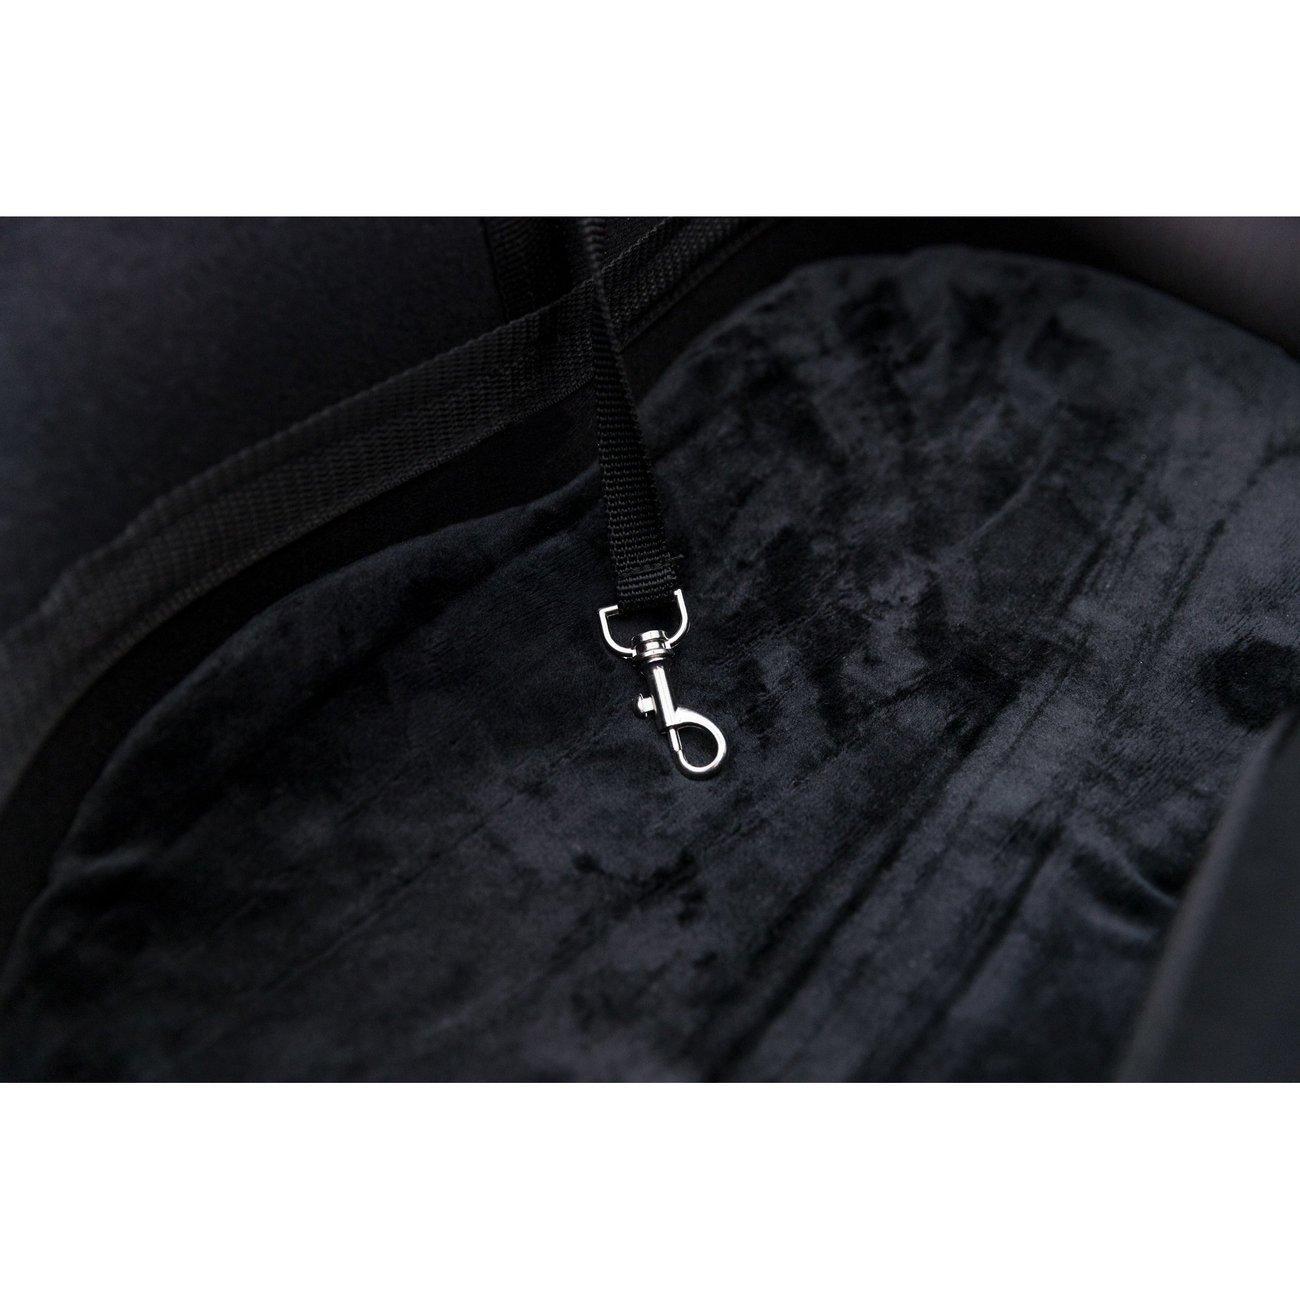 Fahrradtasche mit Metallrahmen für breite Gepäckträger Bild 10